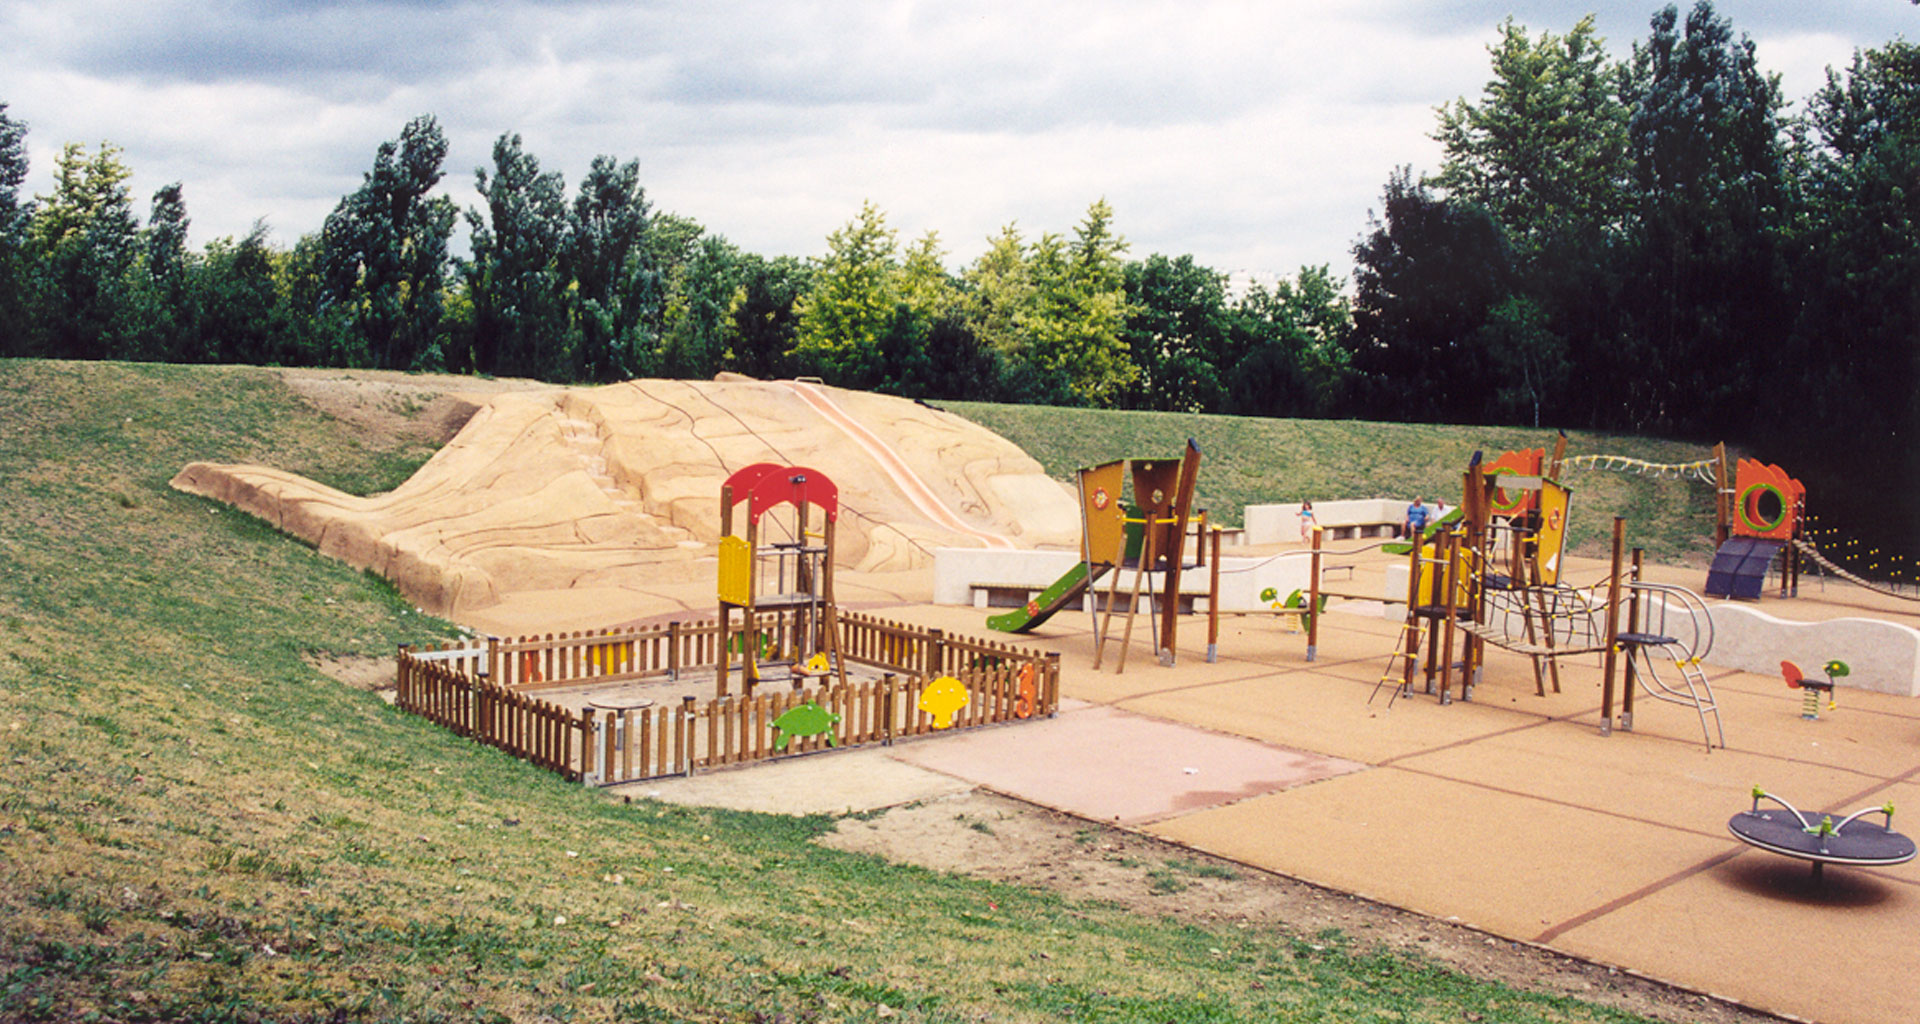 Aire de jeu aab for Parc de jeux yvelines